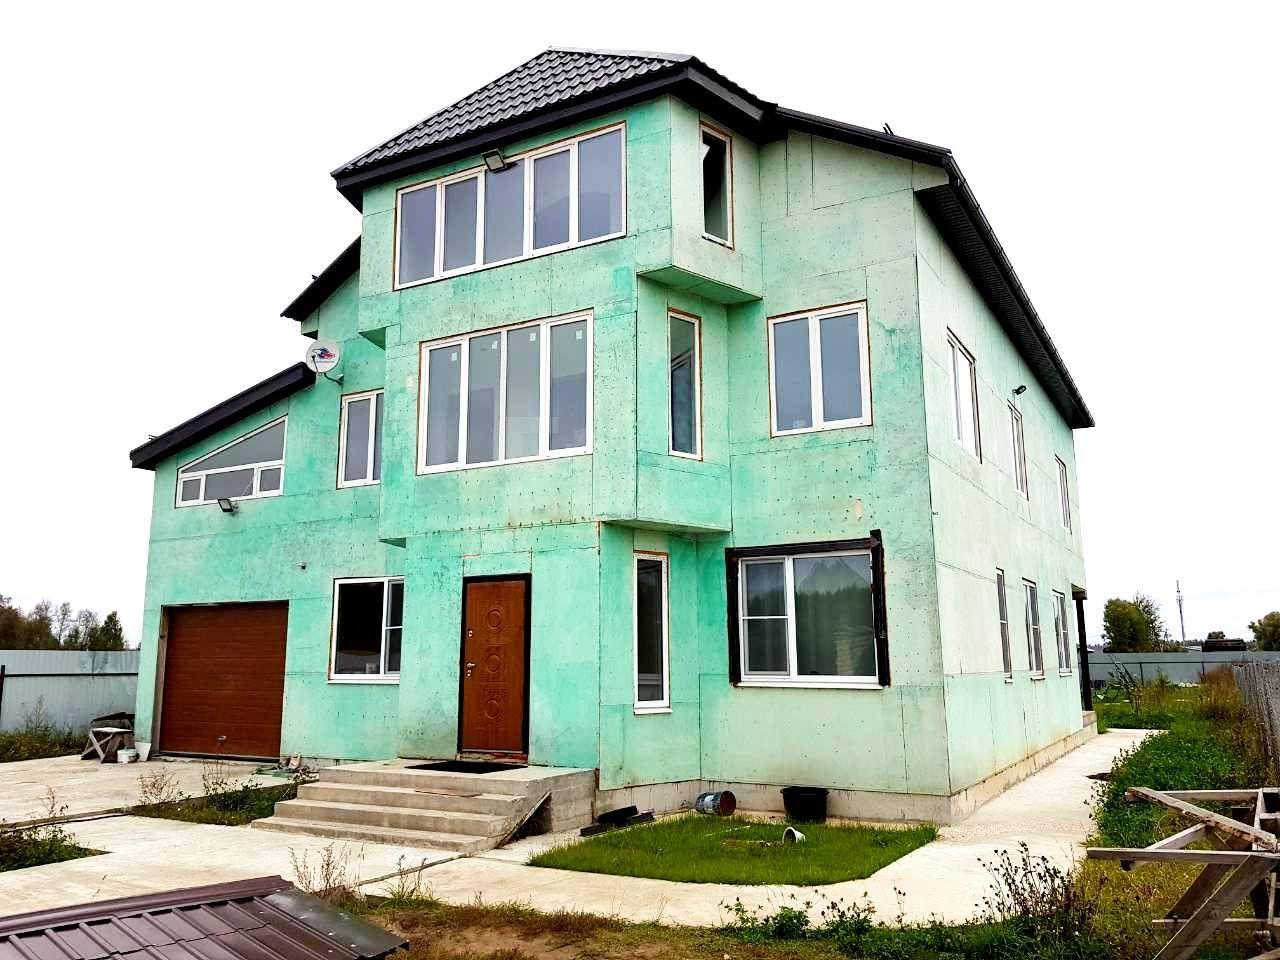 Ковардицы, Лесная 5-я, дом  с участком 12 cот на продажу